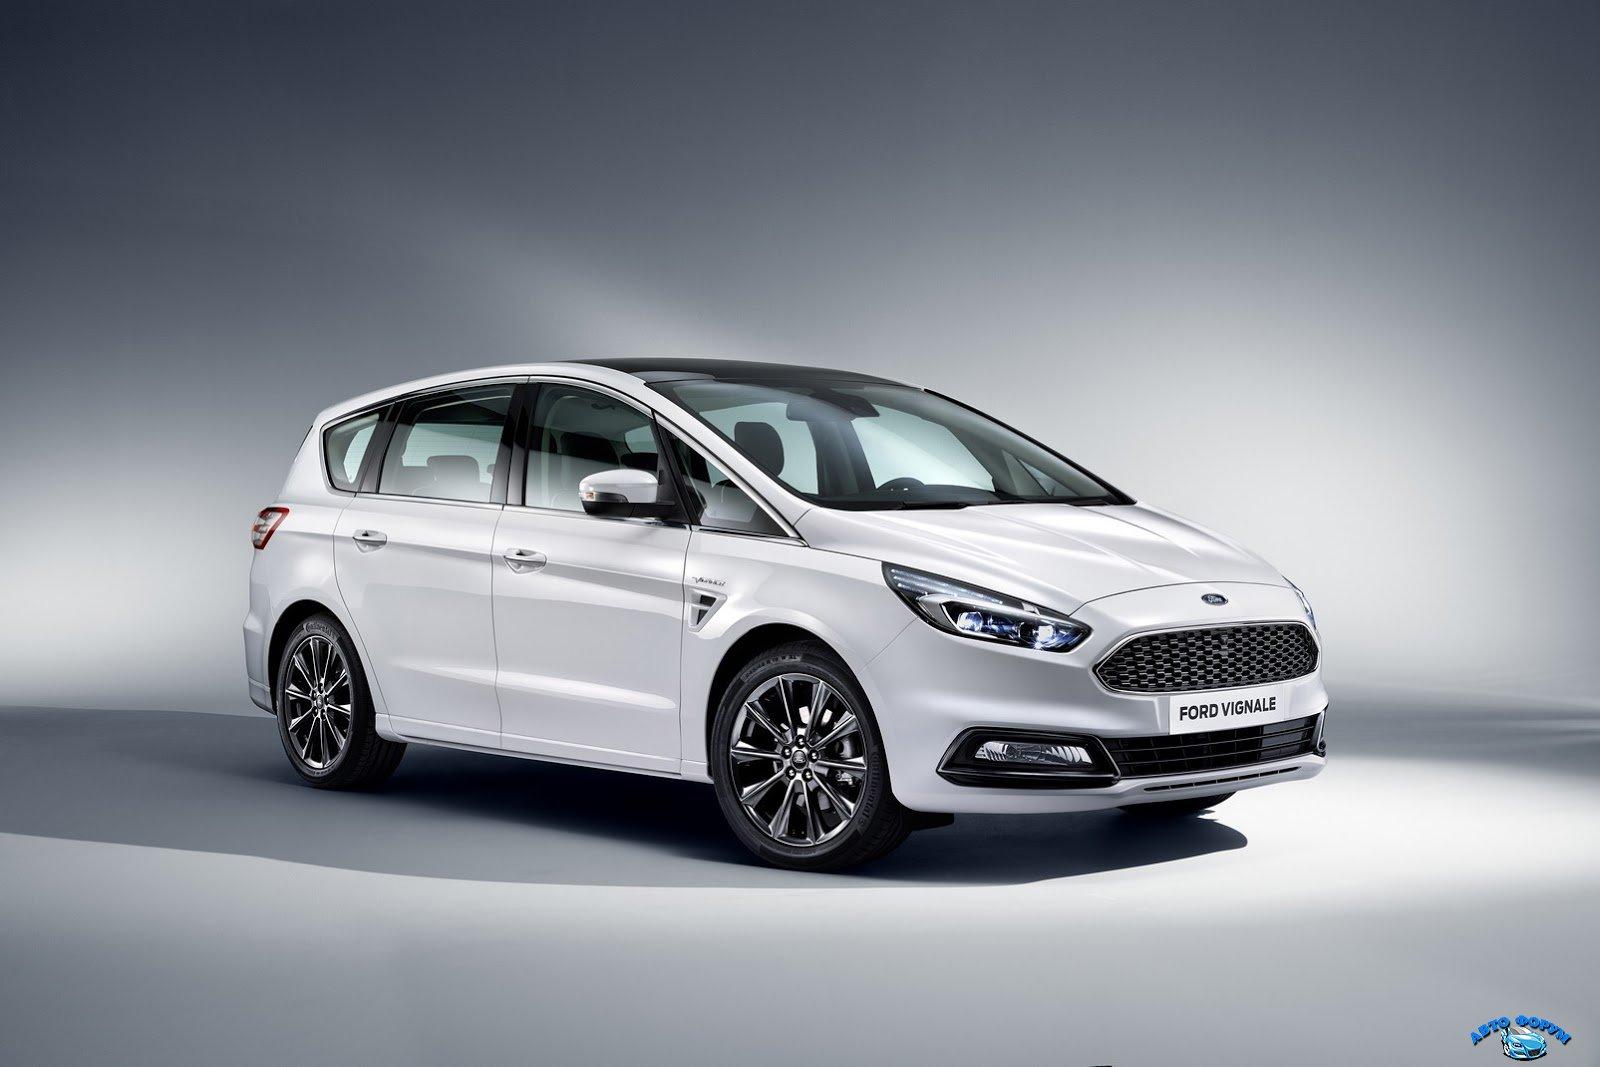 Ford-S-MAX-Vignale-Geneva-02.jpg